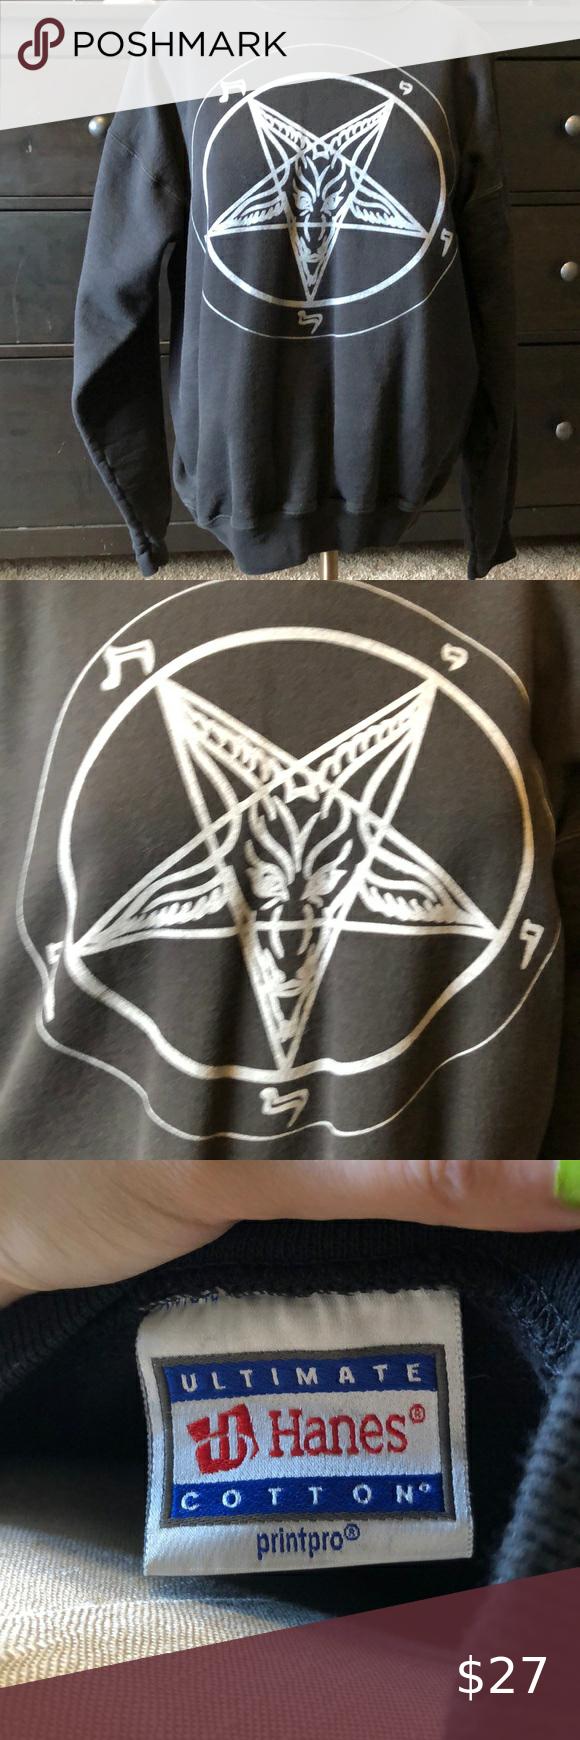 Baphomet Crewneck Sweatshirt Crew Neck Sweatshirt Sweatshirts Sweatshirt Shirt [ 1740 x 580 Pixel ]